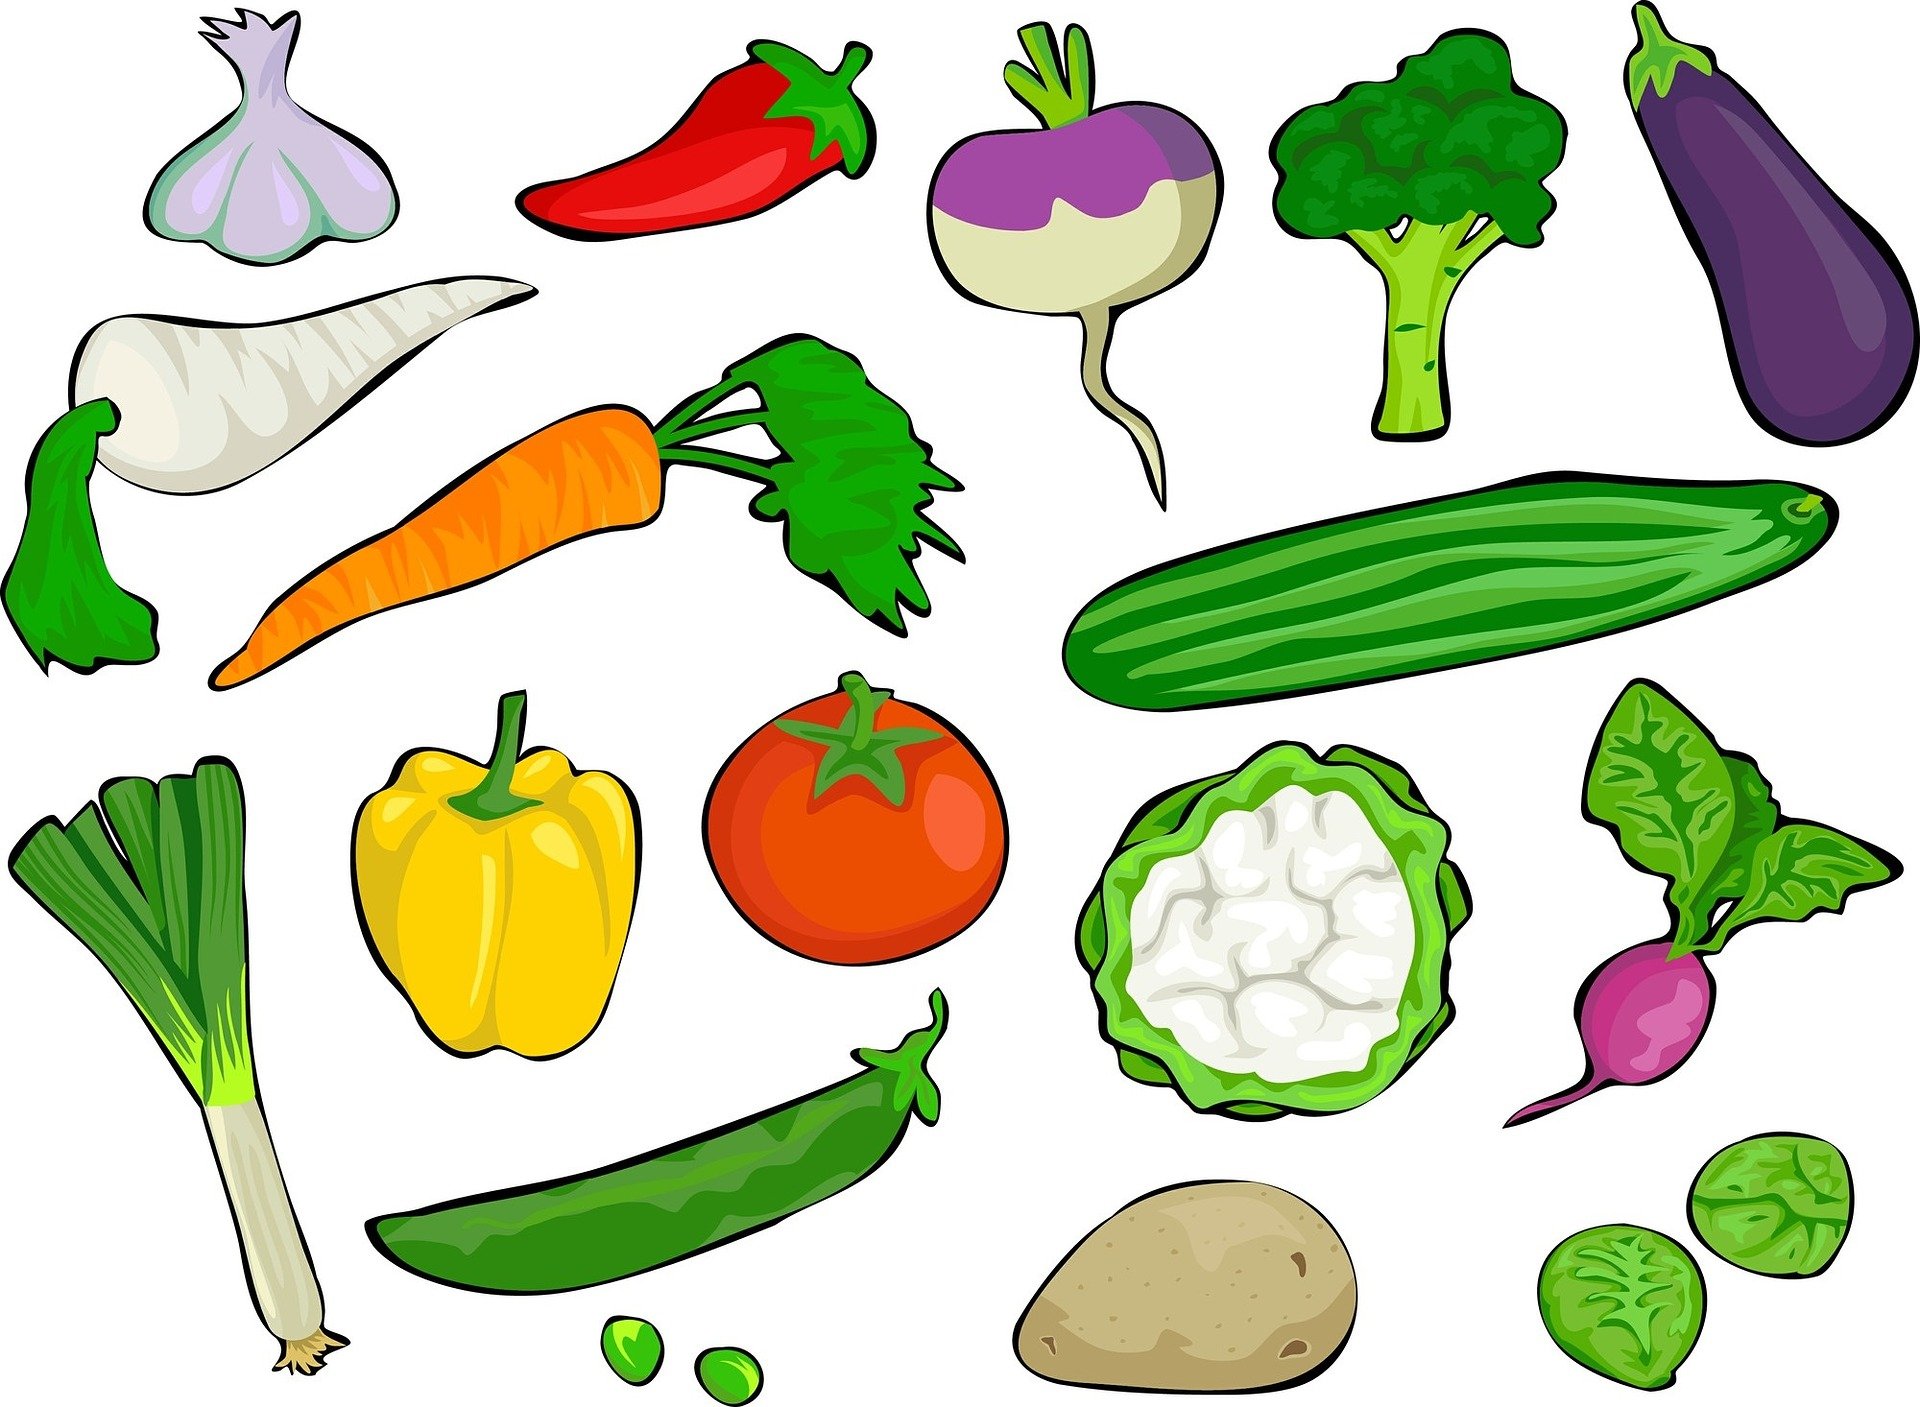 vegetables-1104166_1920